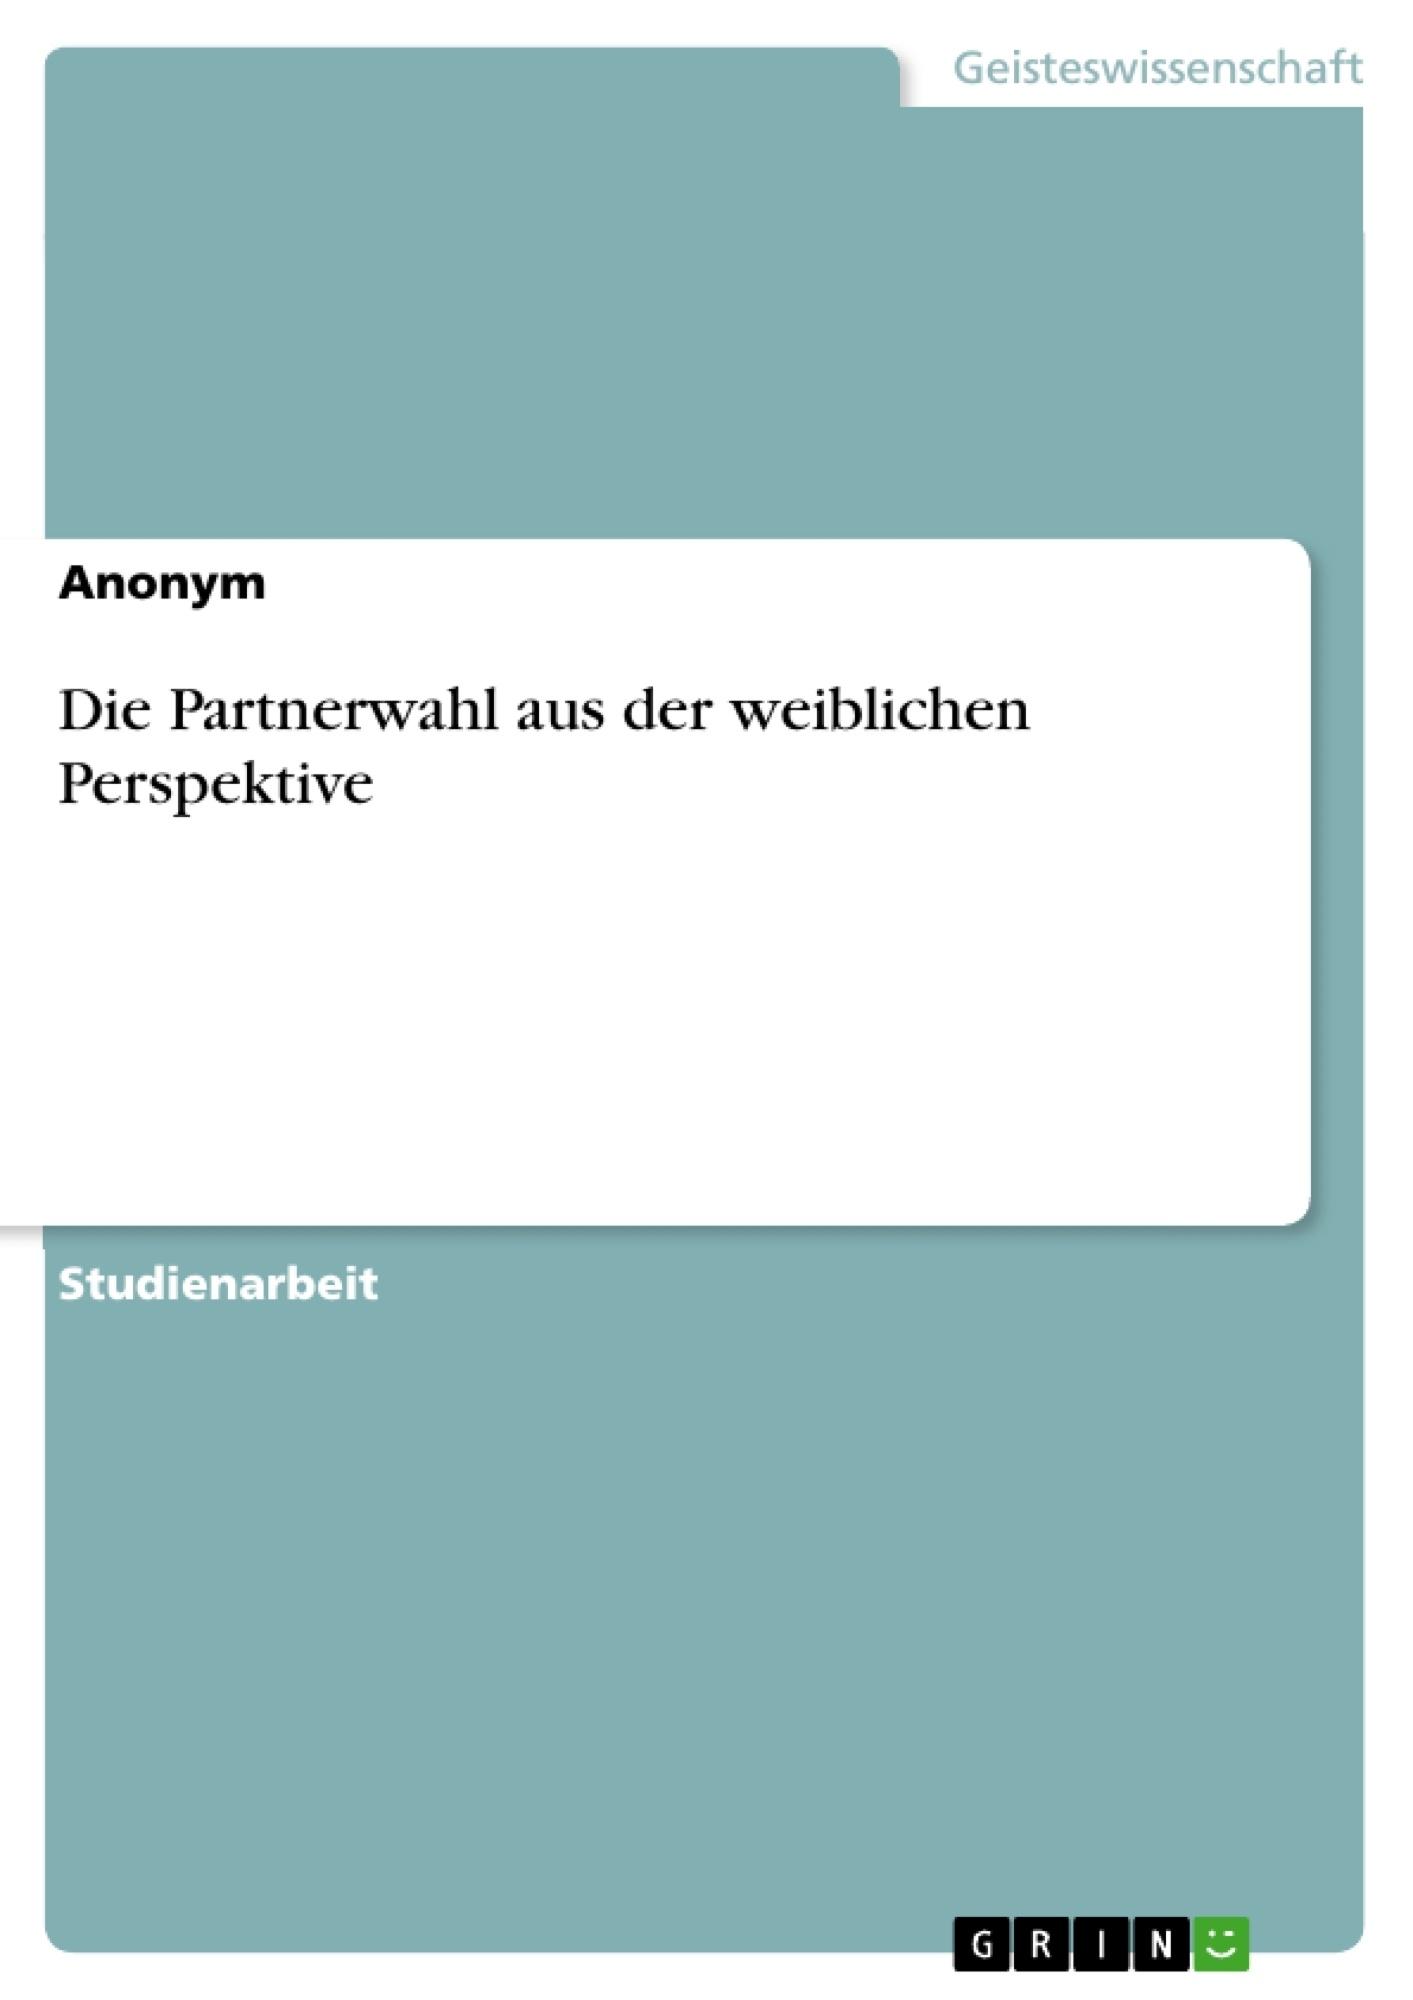 Titel: Die Partnerwahl aus der weiblichen Perspektive